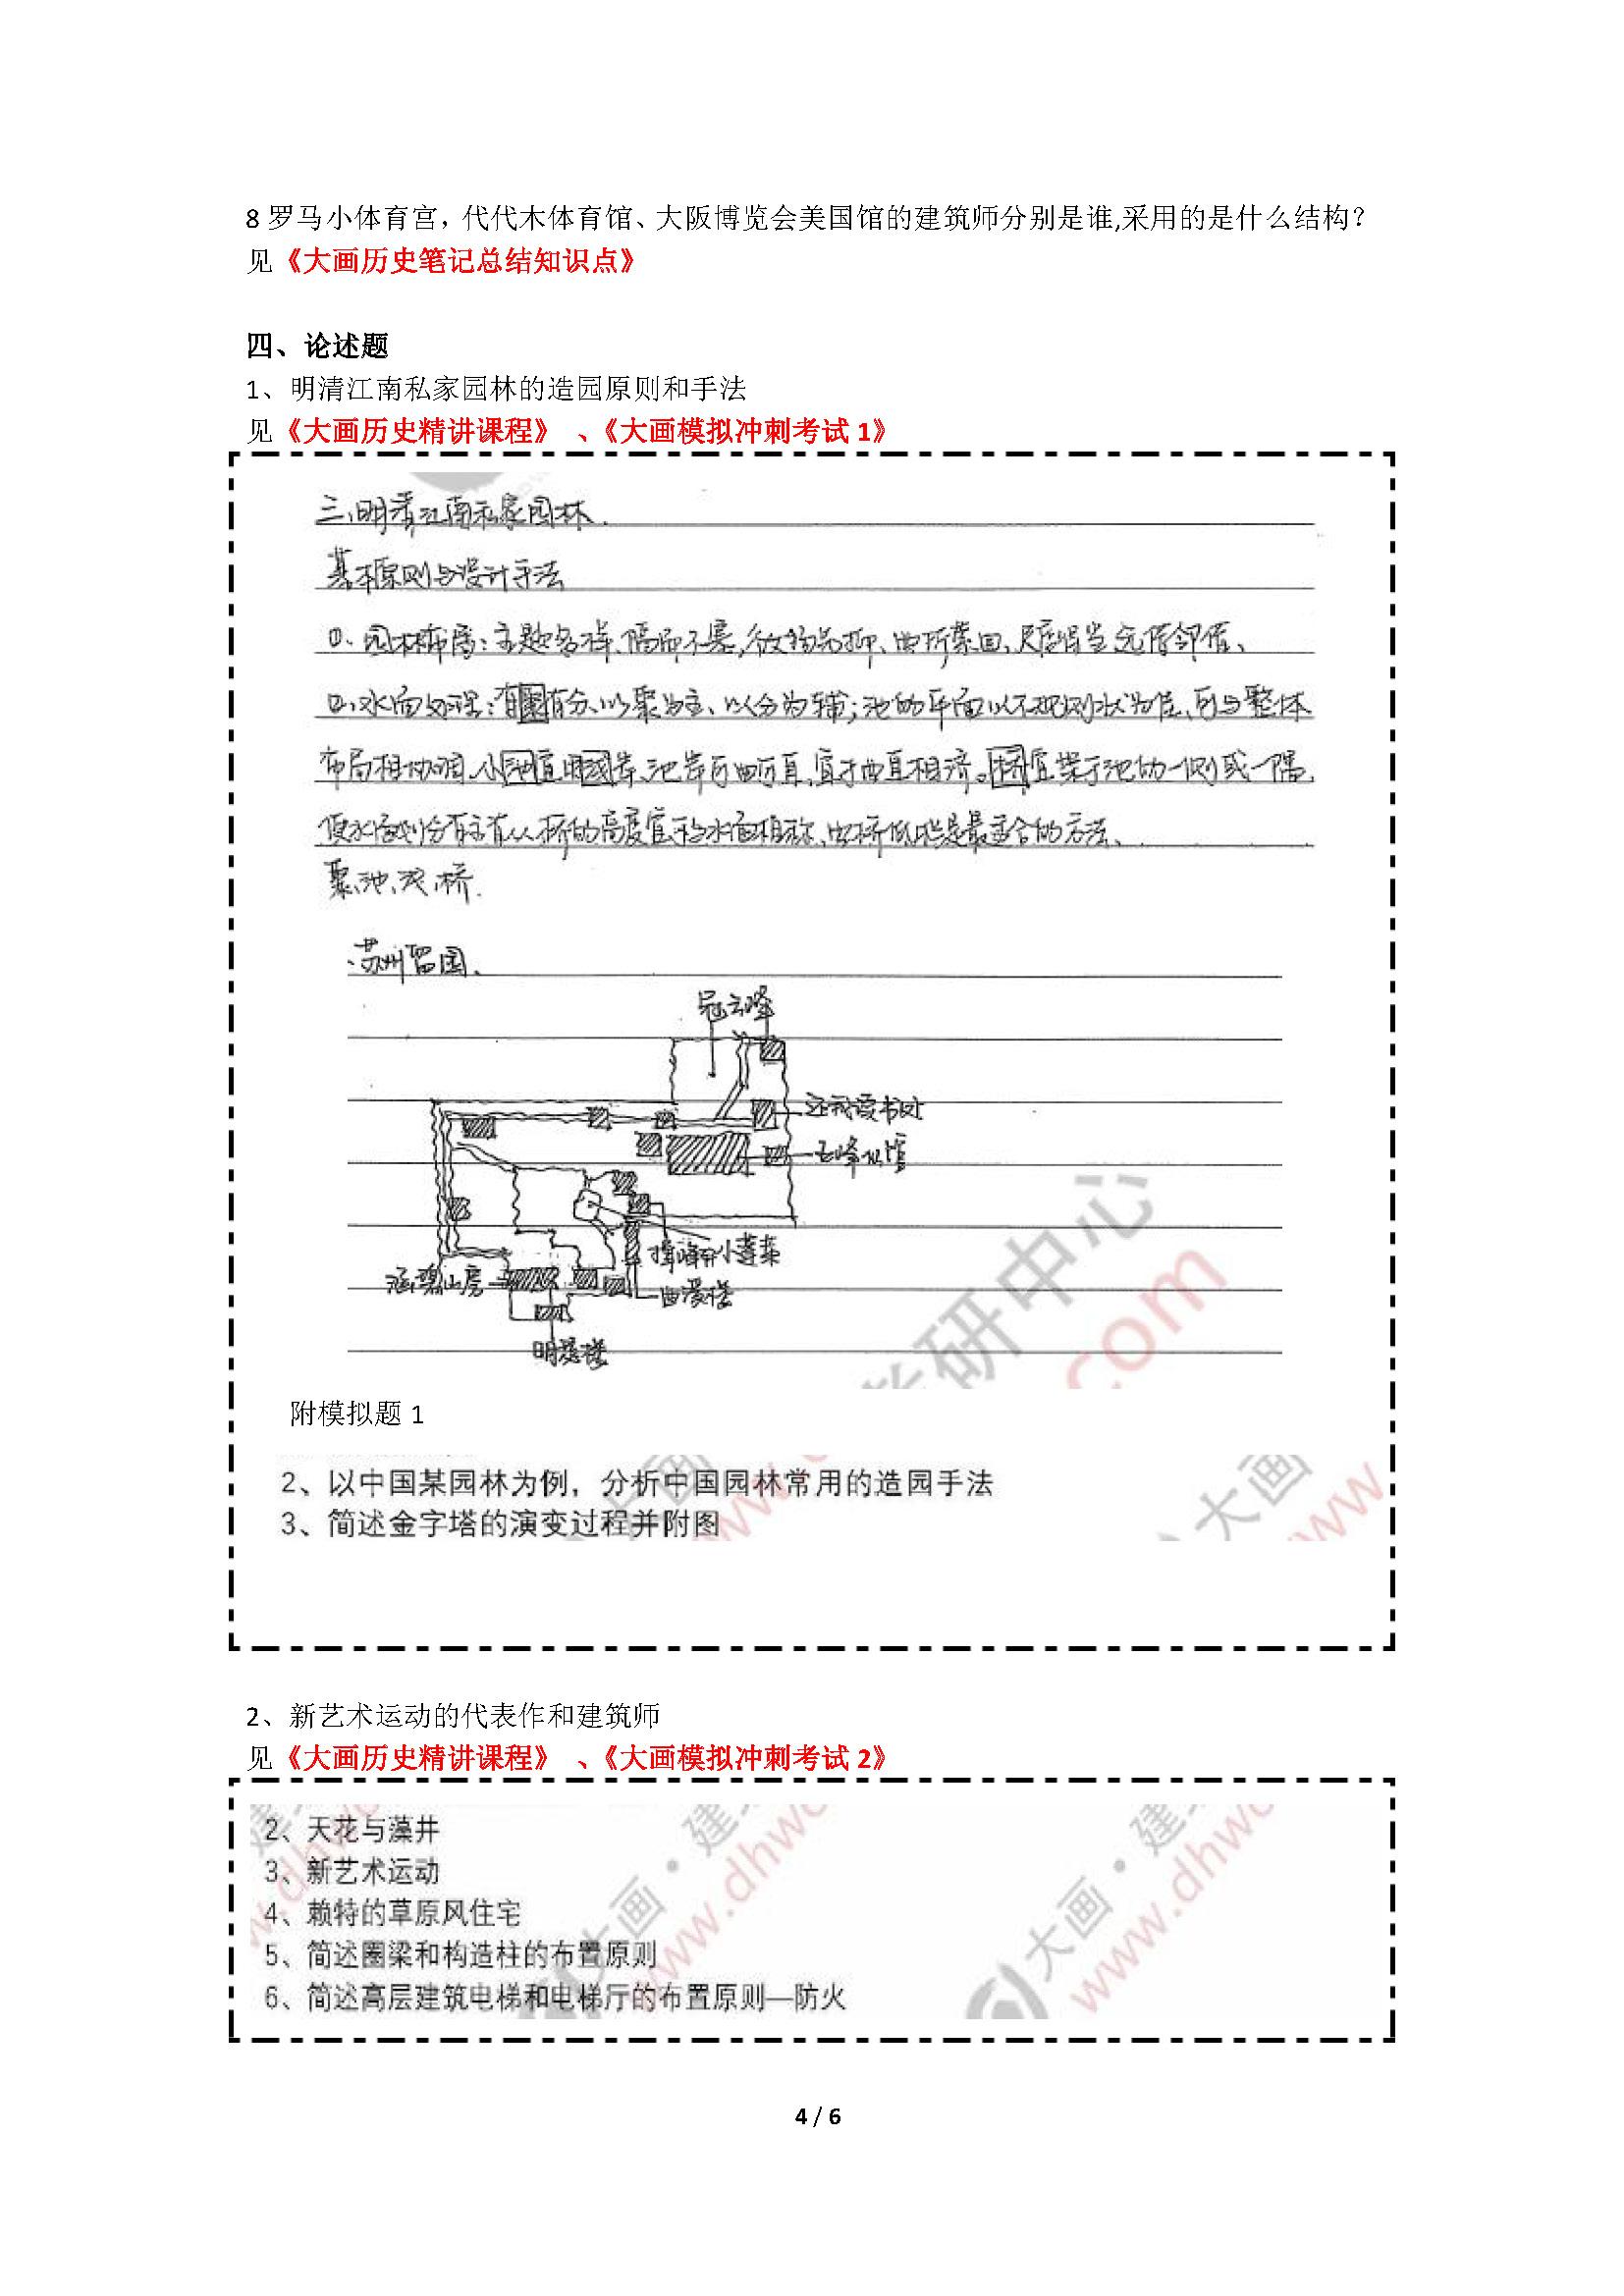 2018湖大综合真题 _页面_4.jpg